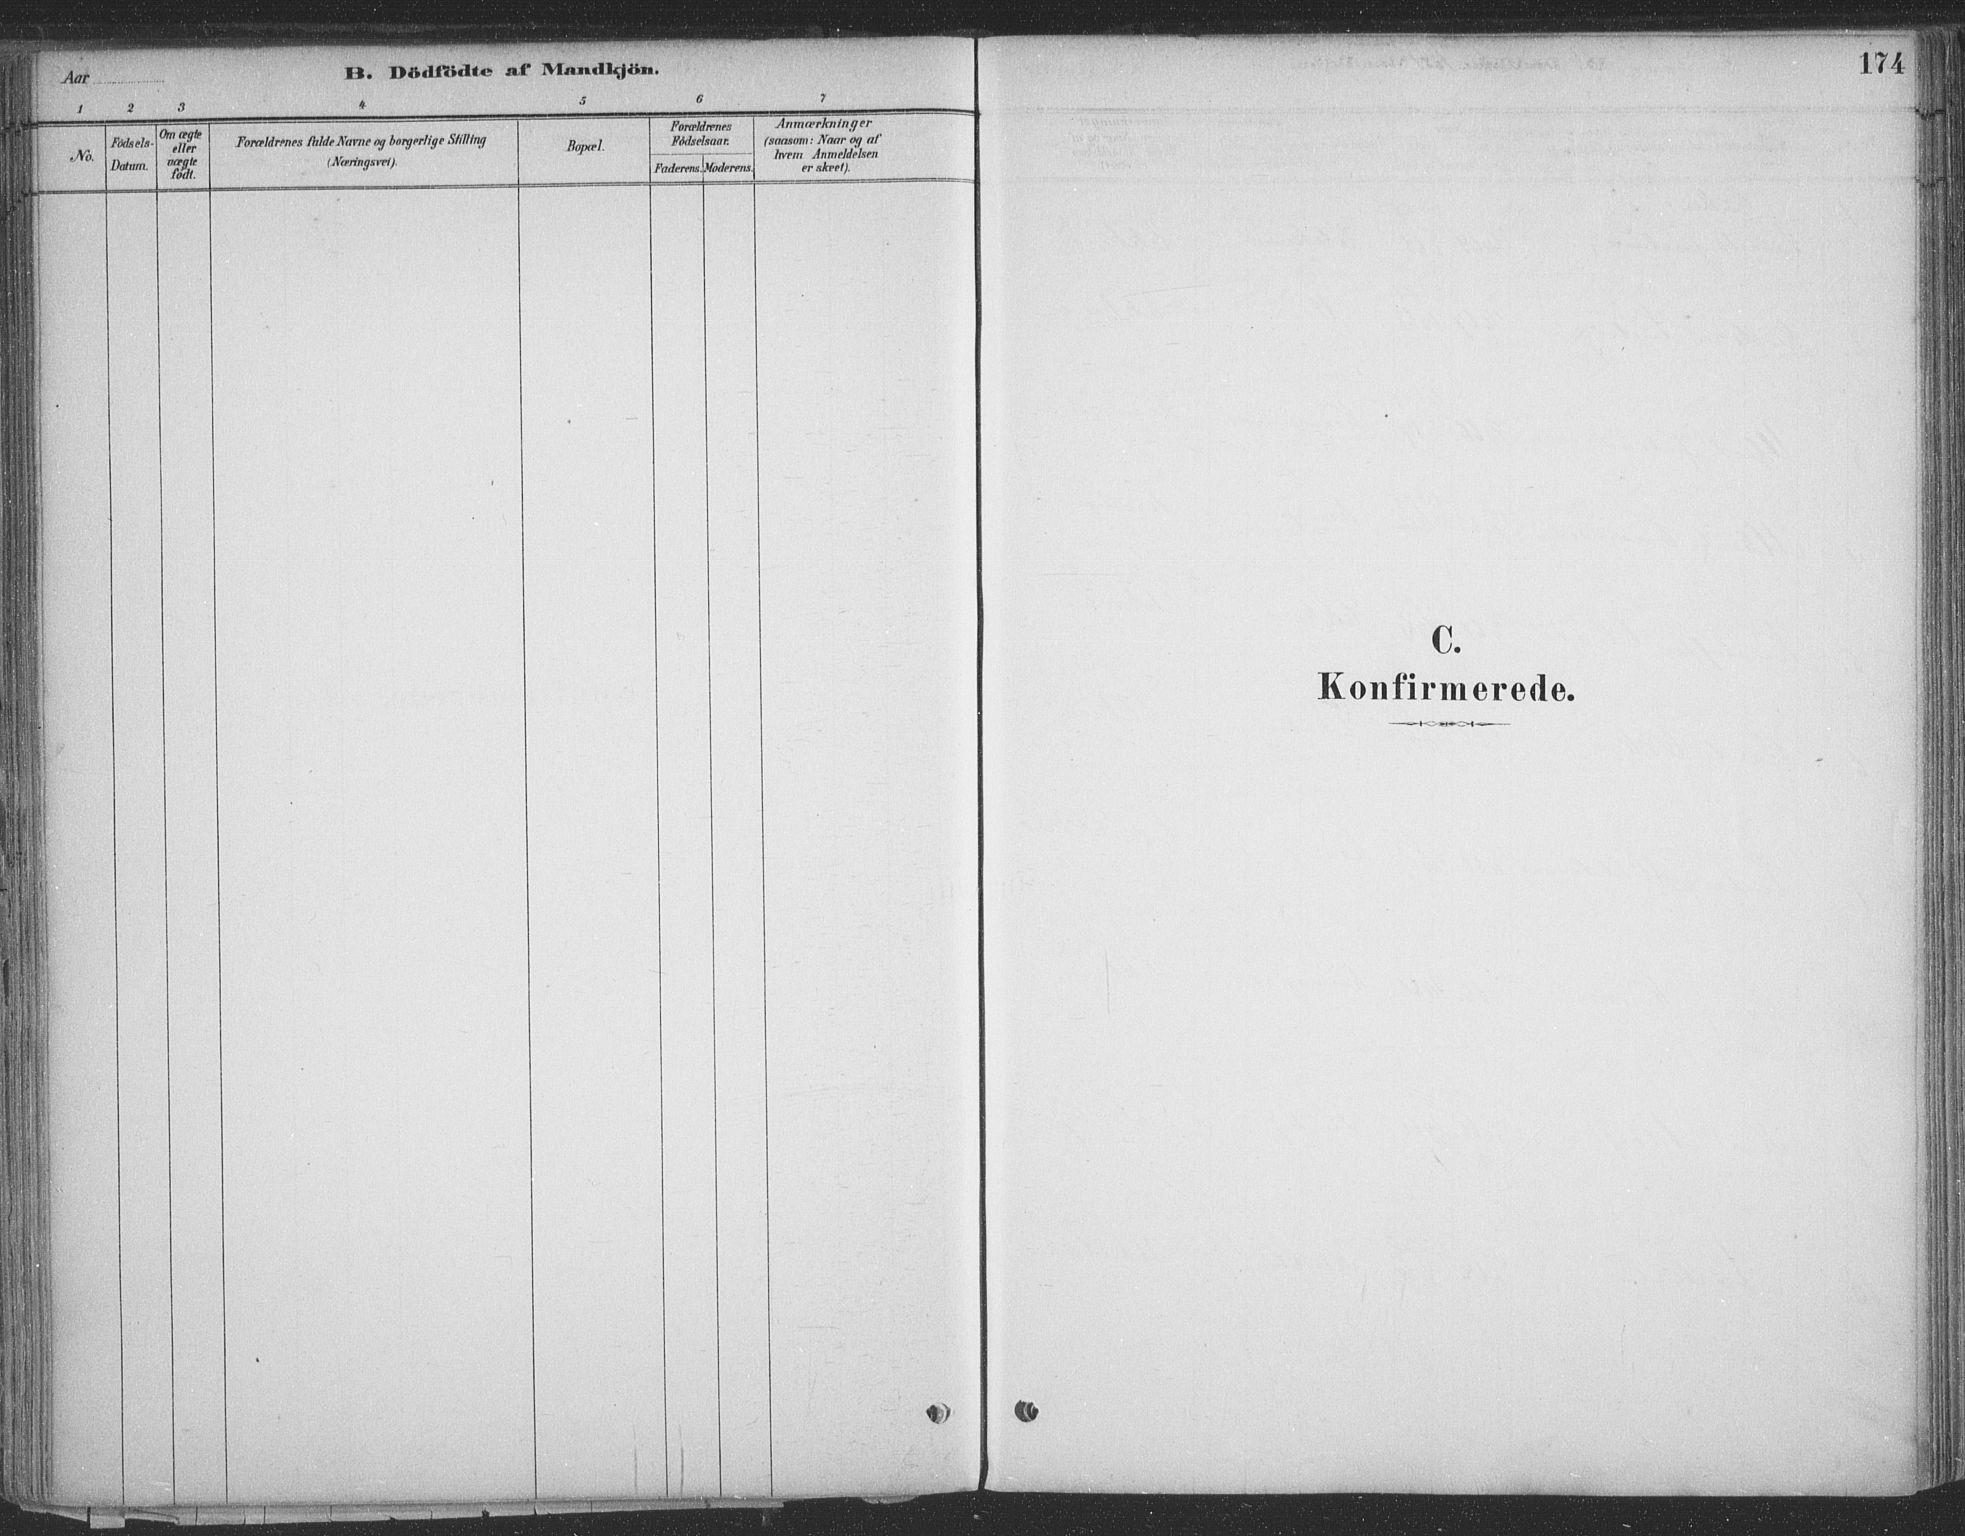 SATØ, Vadsø sokneprestkontor, H/Ha/L0009kirke: Ministerialbok nr. 9, 1881-1917, s. 174